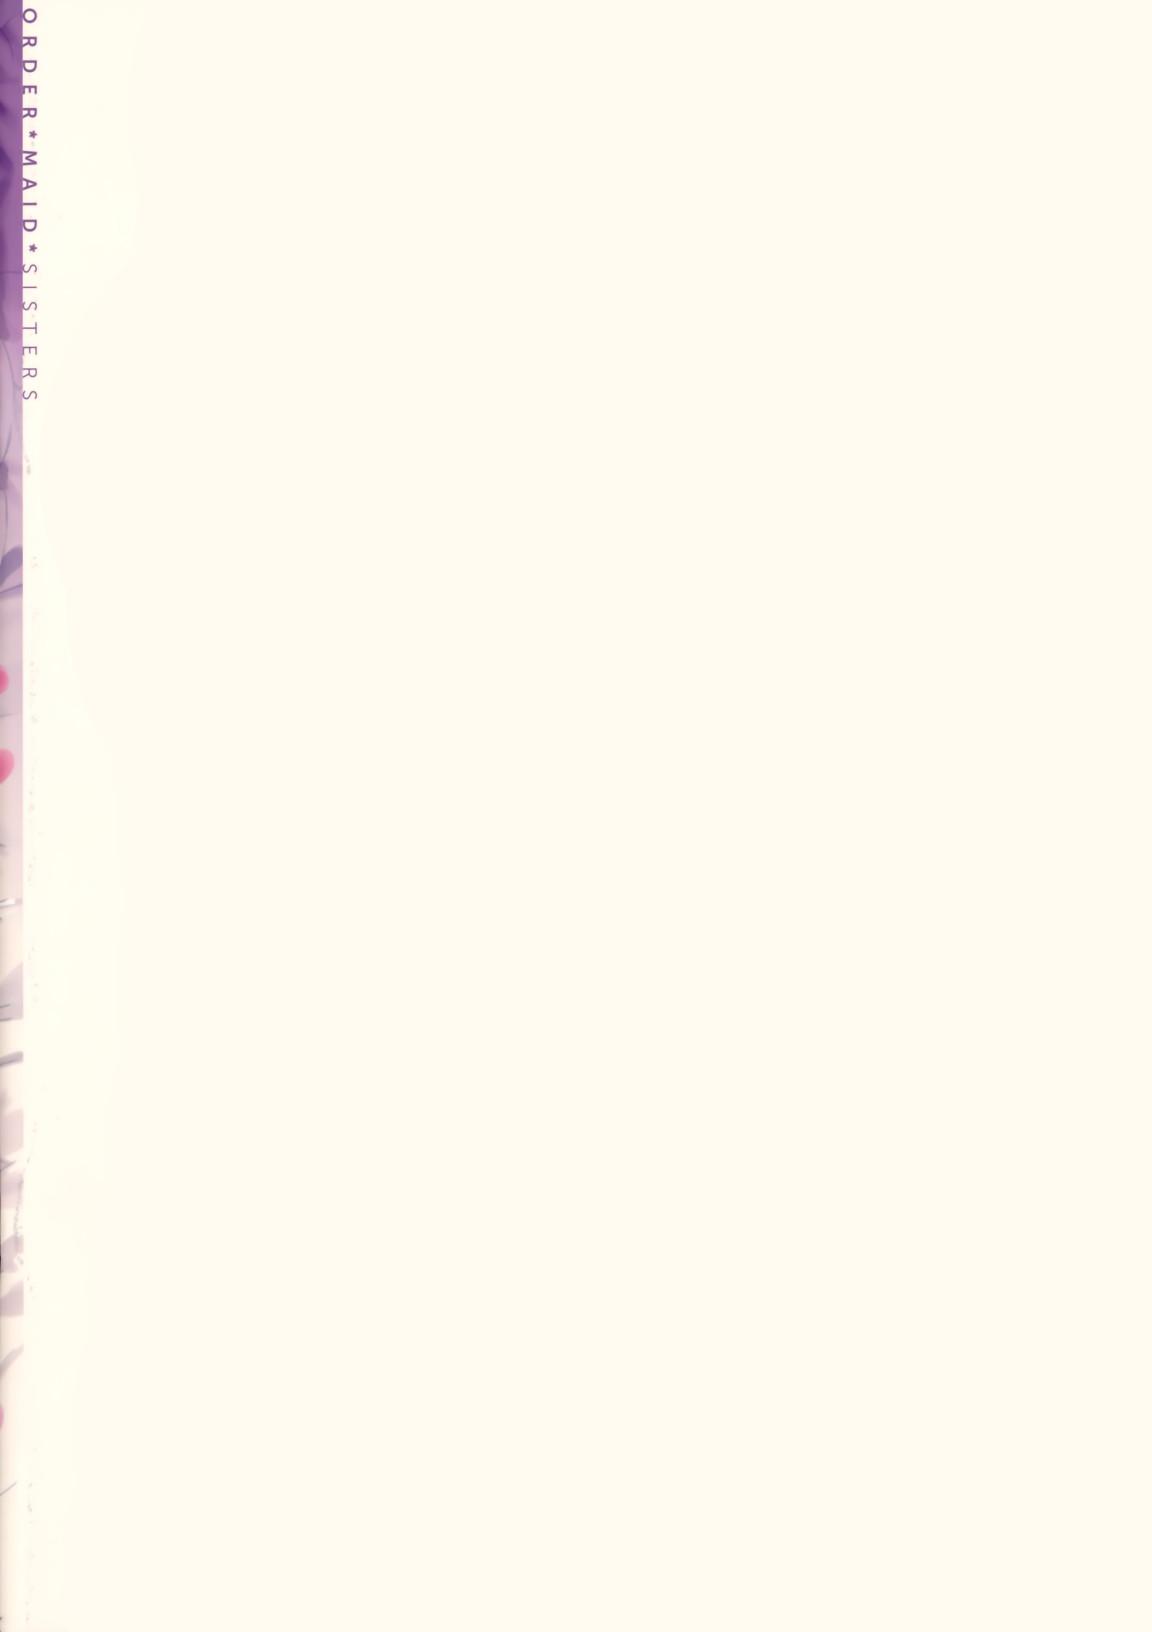 姉妹アイドルのプロデューサーになったところ、姉妹二人と恋人関係になっちゃう不思議な三角関係wwwwww【モバマス エロ漫画・エロ同人】 (34)